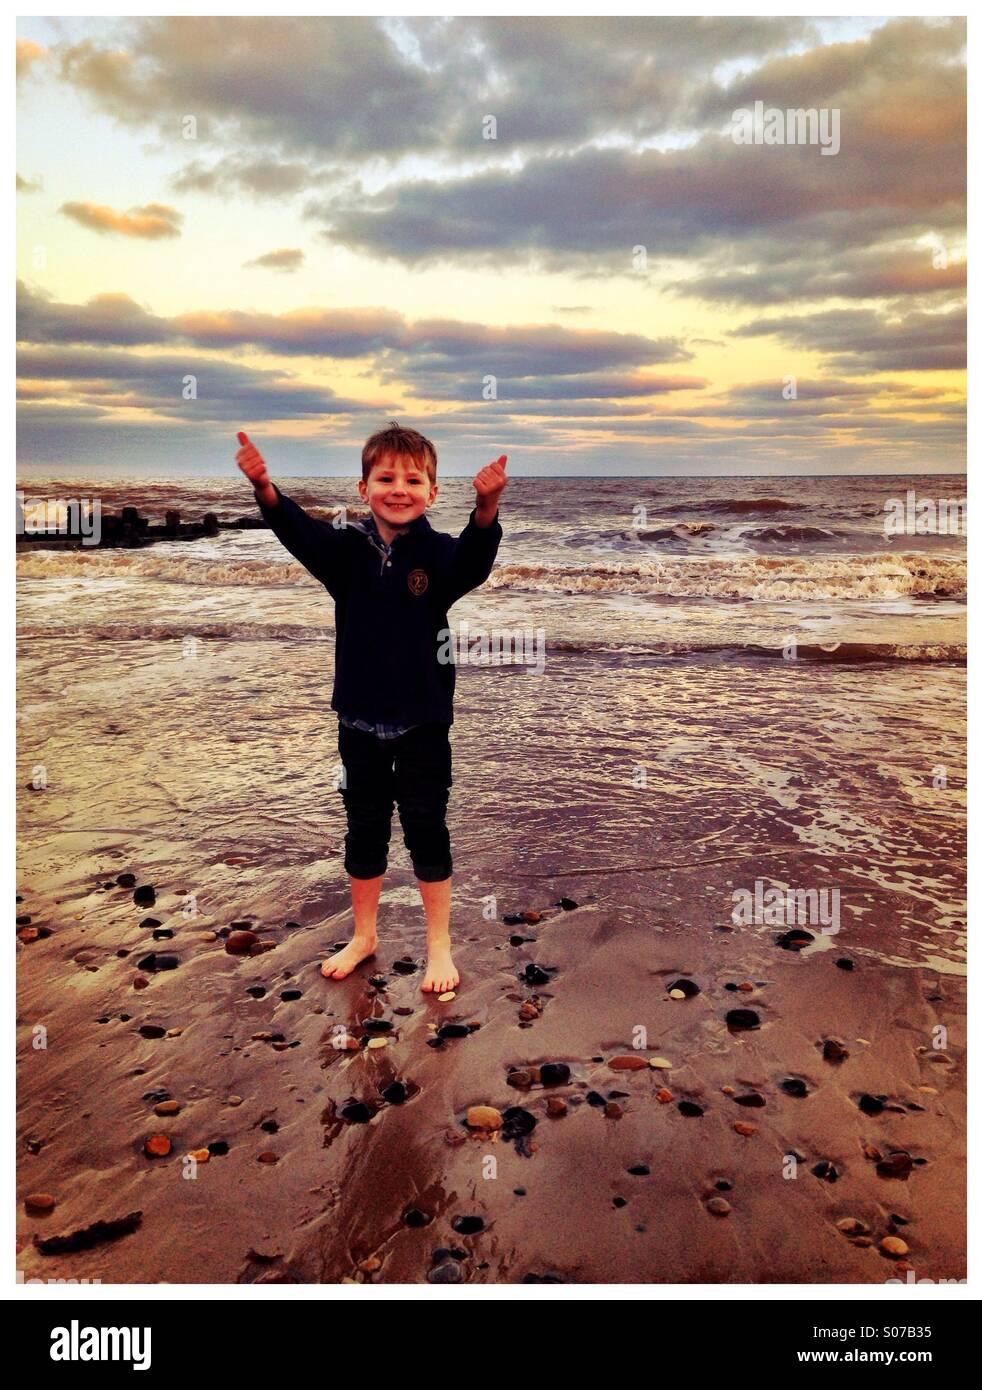 Big Sky, playa grande, pequeño. Hornsea. Imagen De Stock